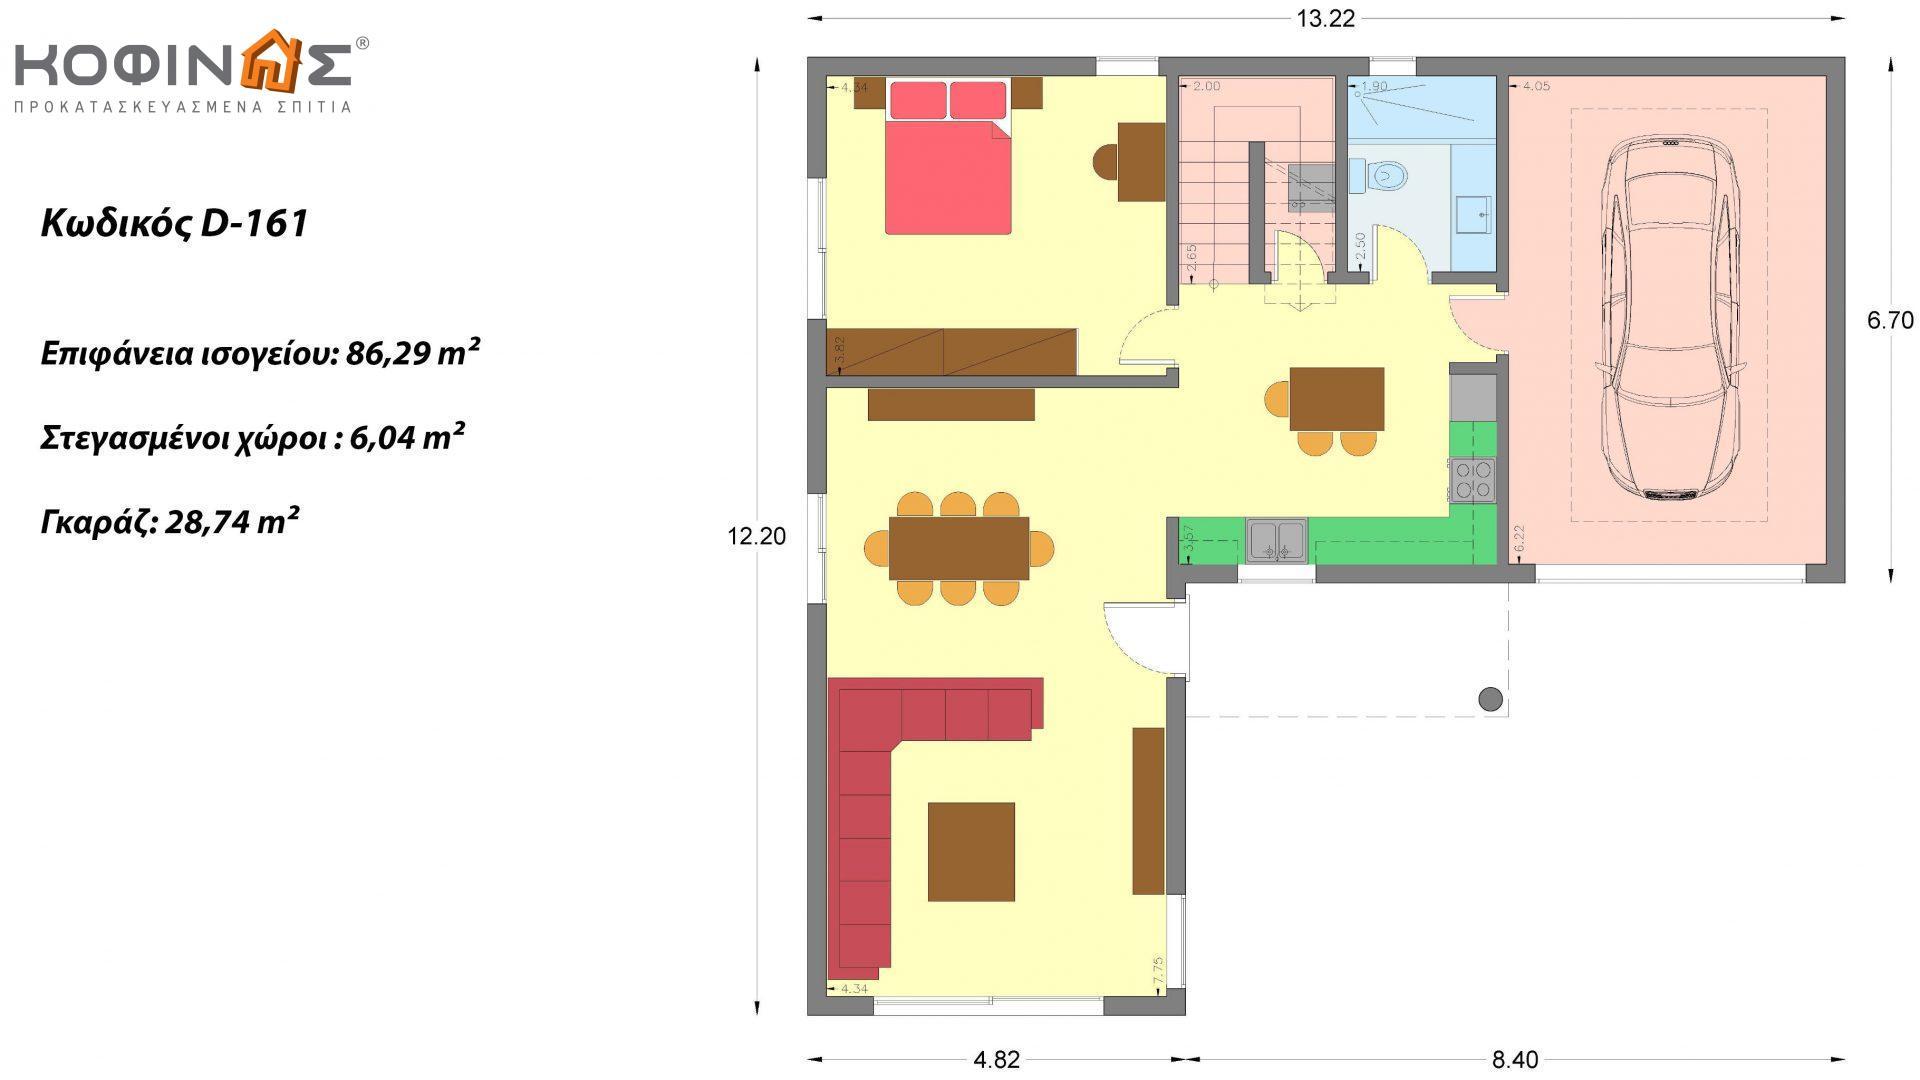 Διώροφη Κατοικία D-161, συνολικής επιφάνειας 161.27 τ.μ., +Γκαράζ 28.74 m²(=190.01 m²), συνολική επιφάνεια στεγασμένων χώρων 6.04 τ.μ., μπαλκόνια 47.05 τ.μ.